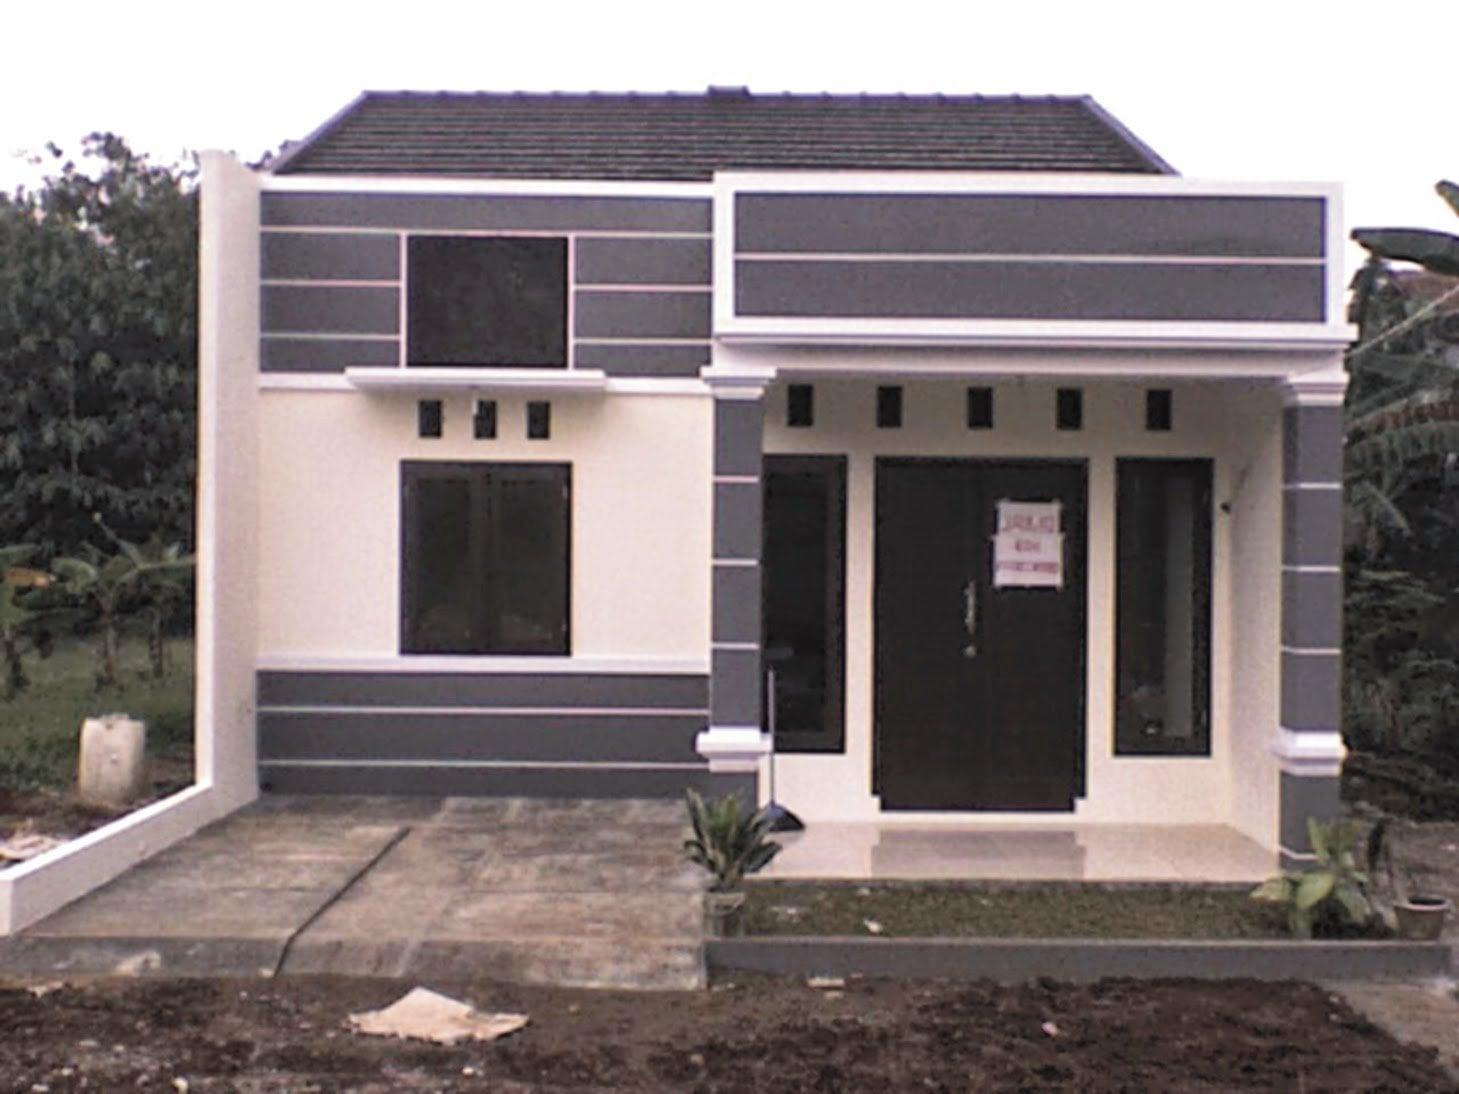 Besar 21 Gambar Rumah Perumahan 27 Bangun Desain Rumah Inspiratif dengan 21 Gambar Rumah Perumahan